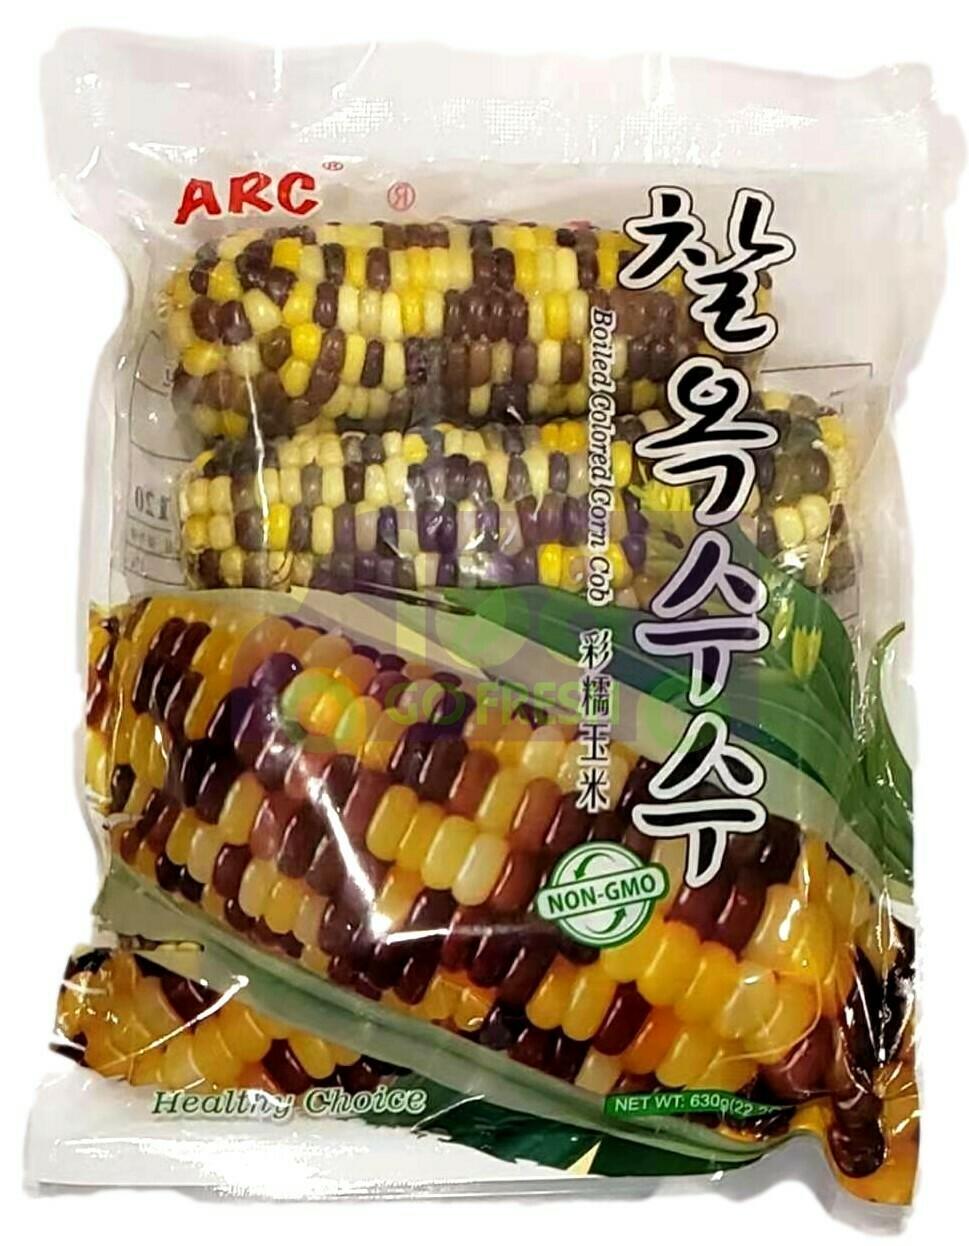 ARC Frozen Boiled Colored Corn Cob ARC 冷冻彩糯玉米(630G)